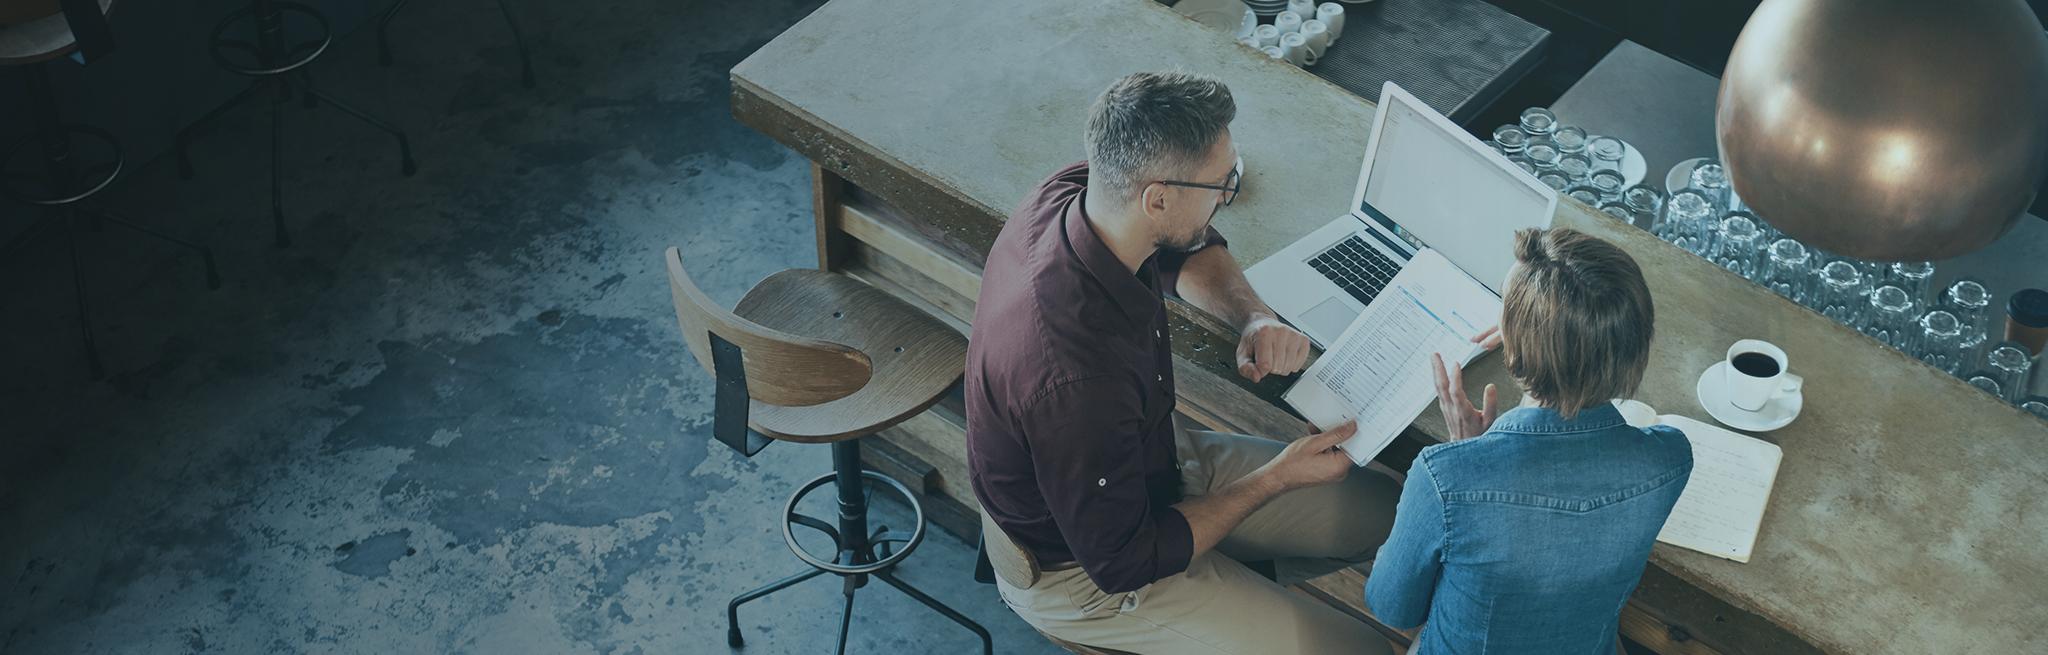 Изображение для новости: Партнерская программа «Открытие Брокер» — эффективность вашего бизнеса!